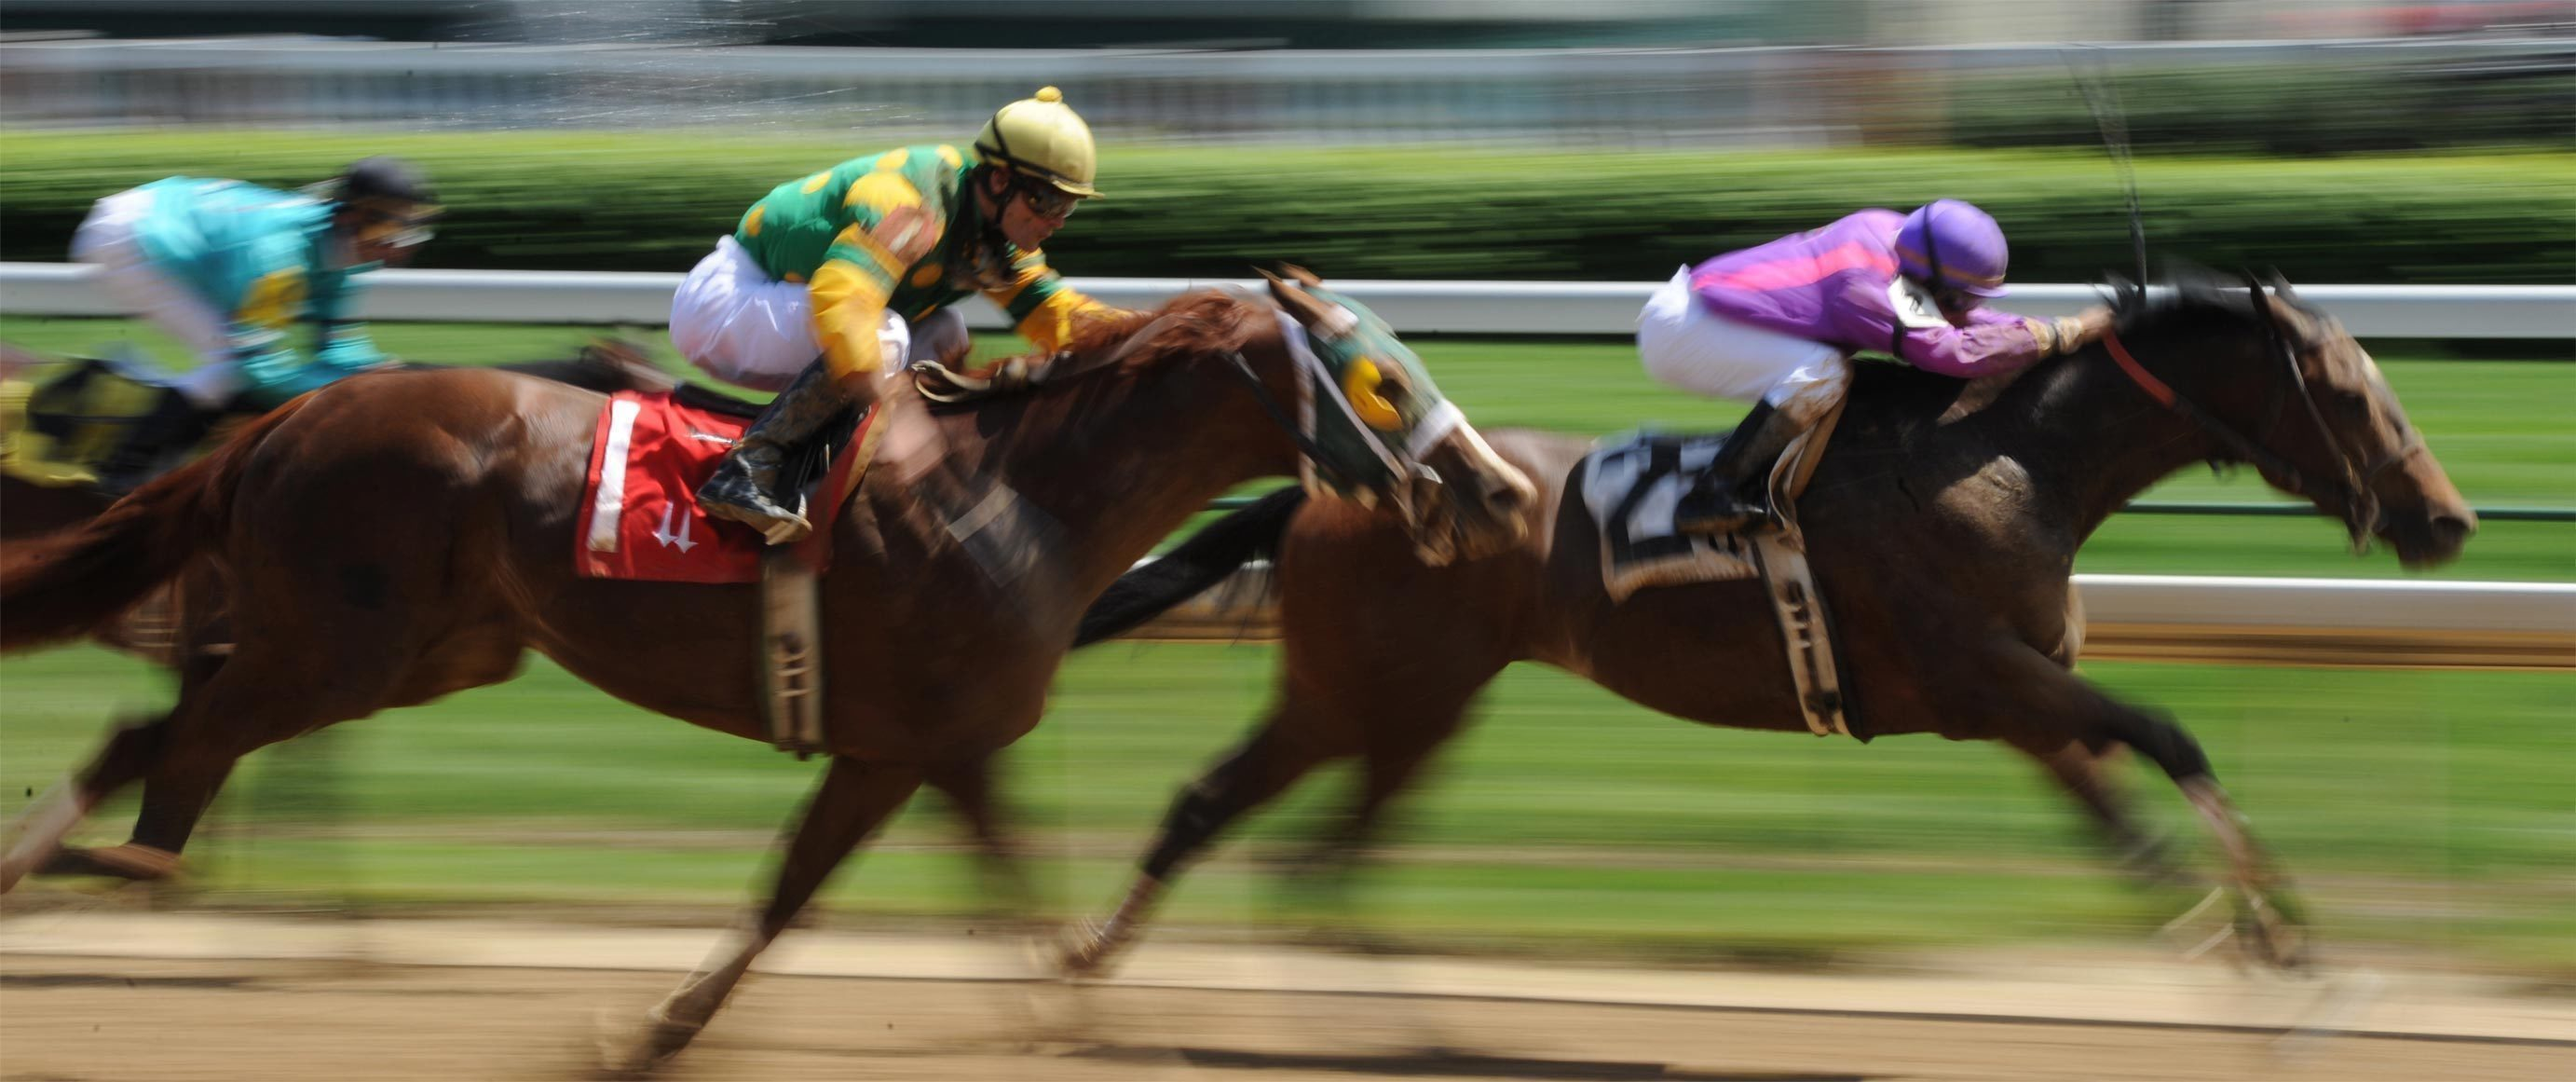 Kentucky Derby Overview Derbybox